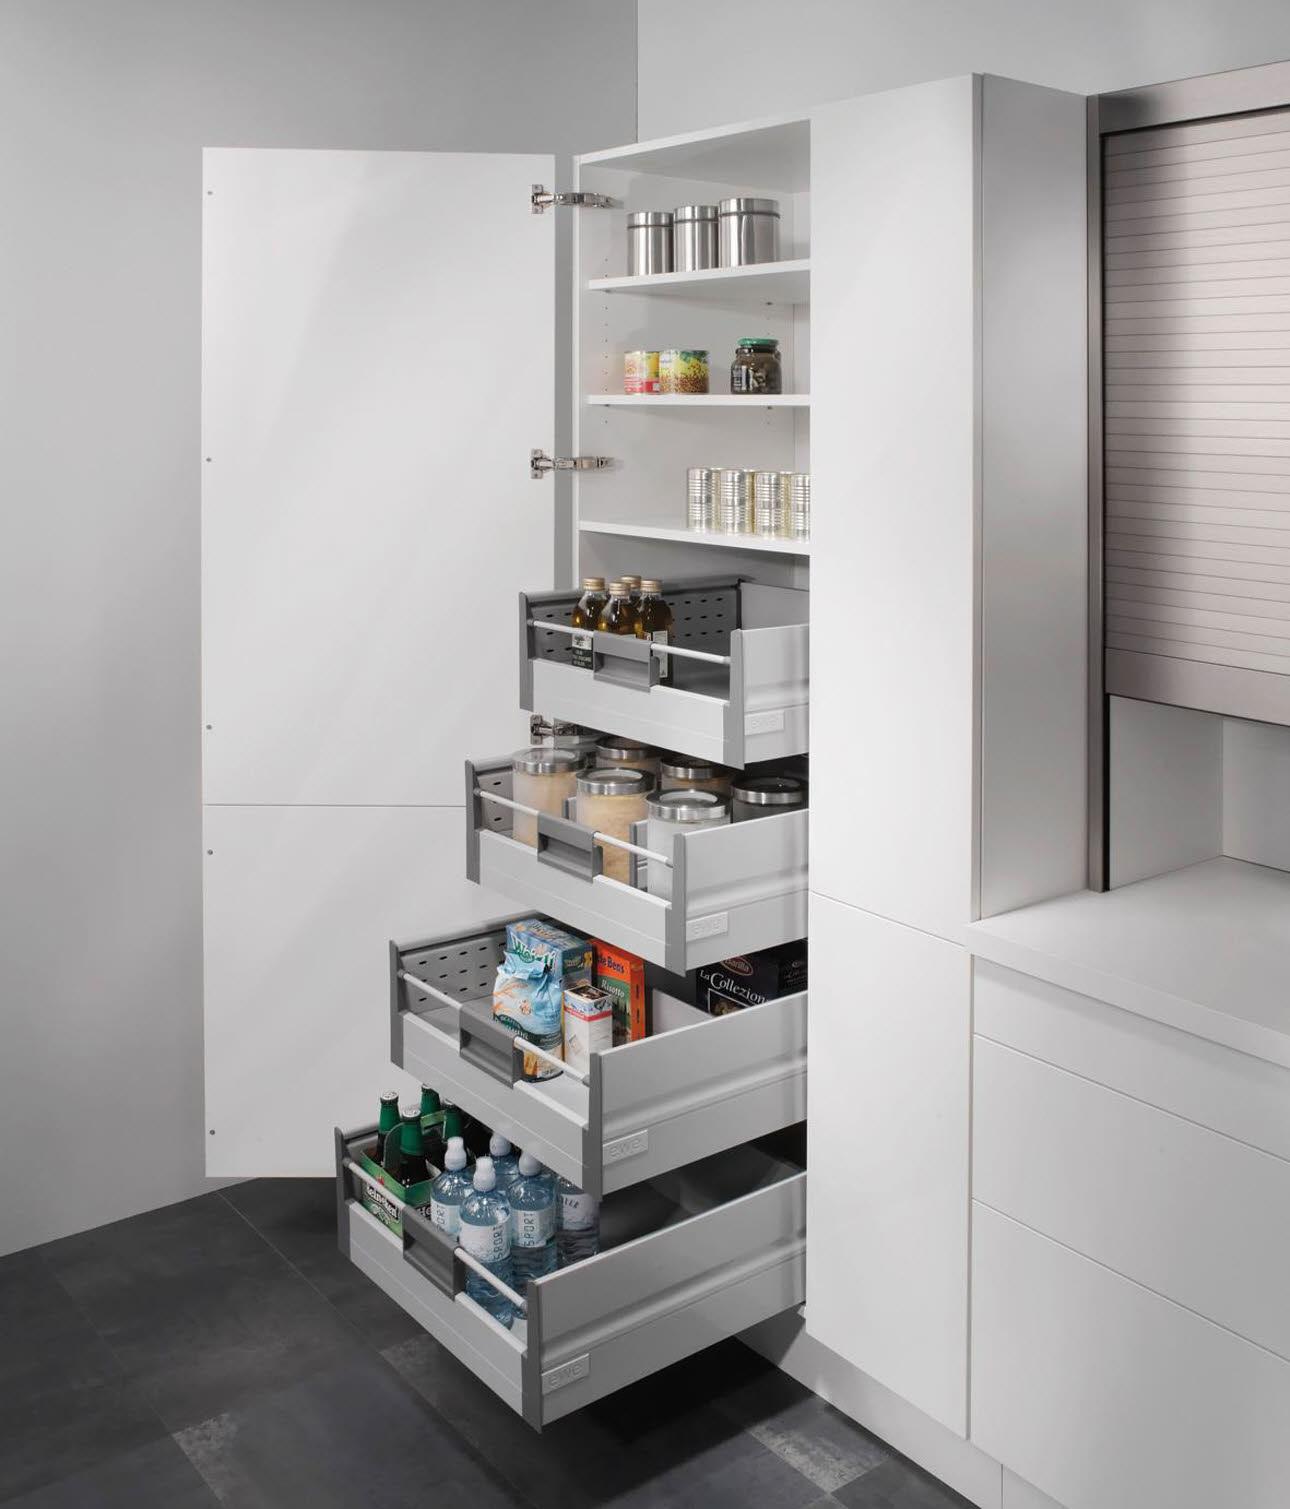 Küchen Vorratsschrank  Ausstattung Für Küchenschränke - Küche&co